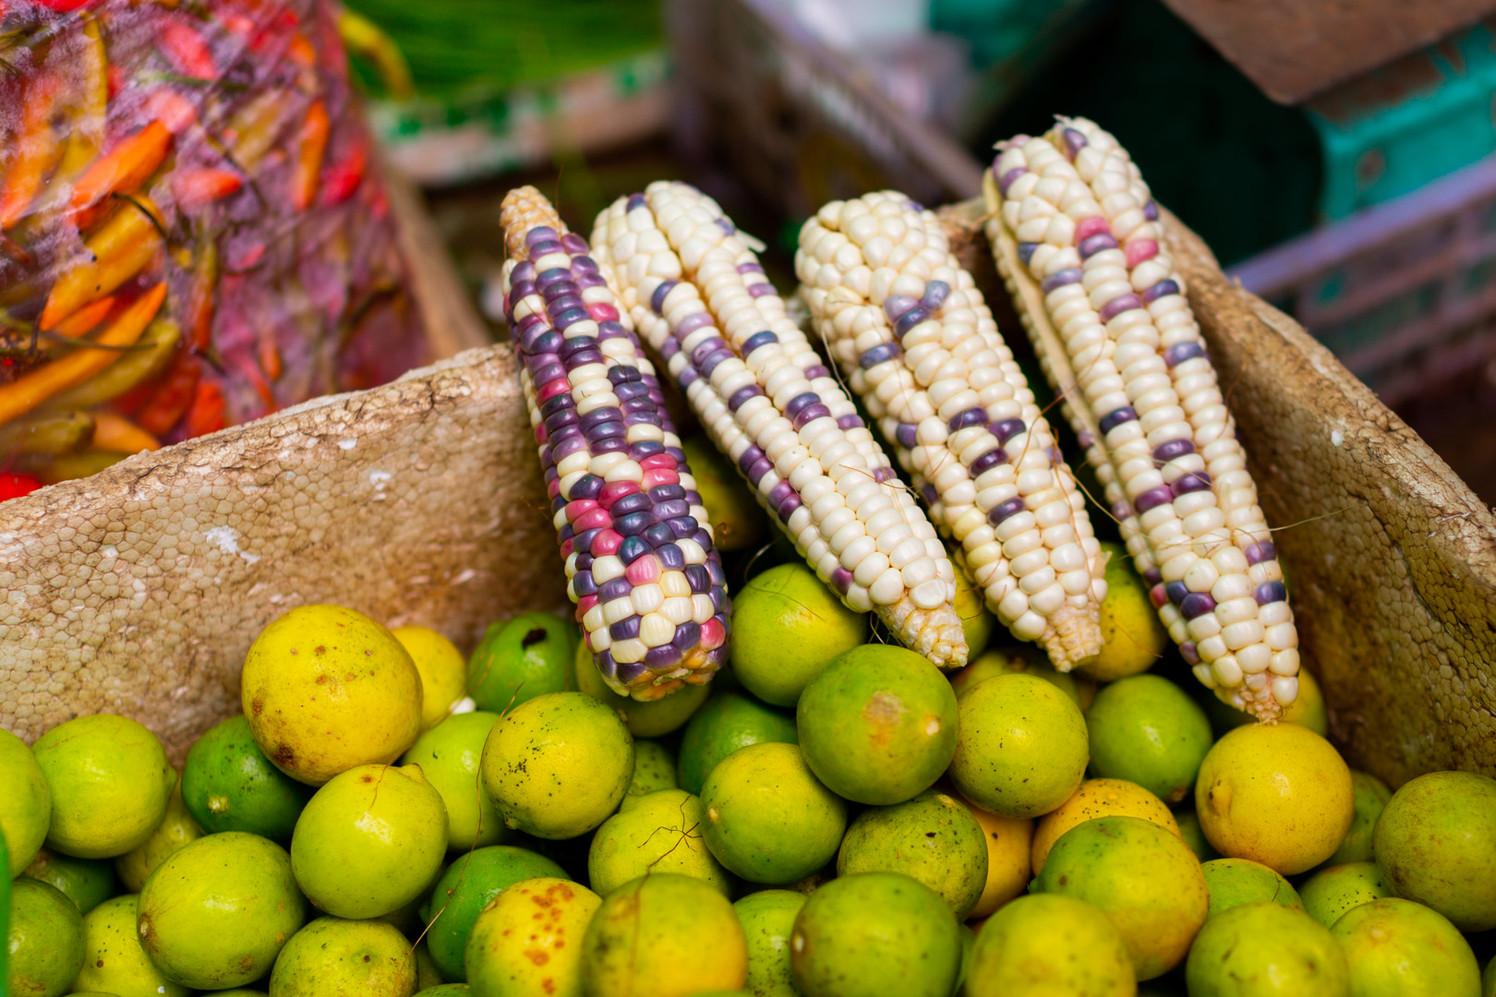 Maïs arc-en-ciel et citrons verts (Laos)